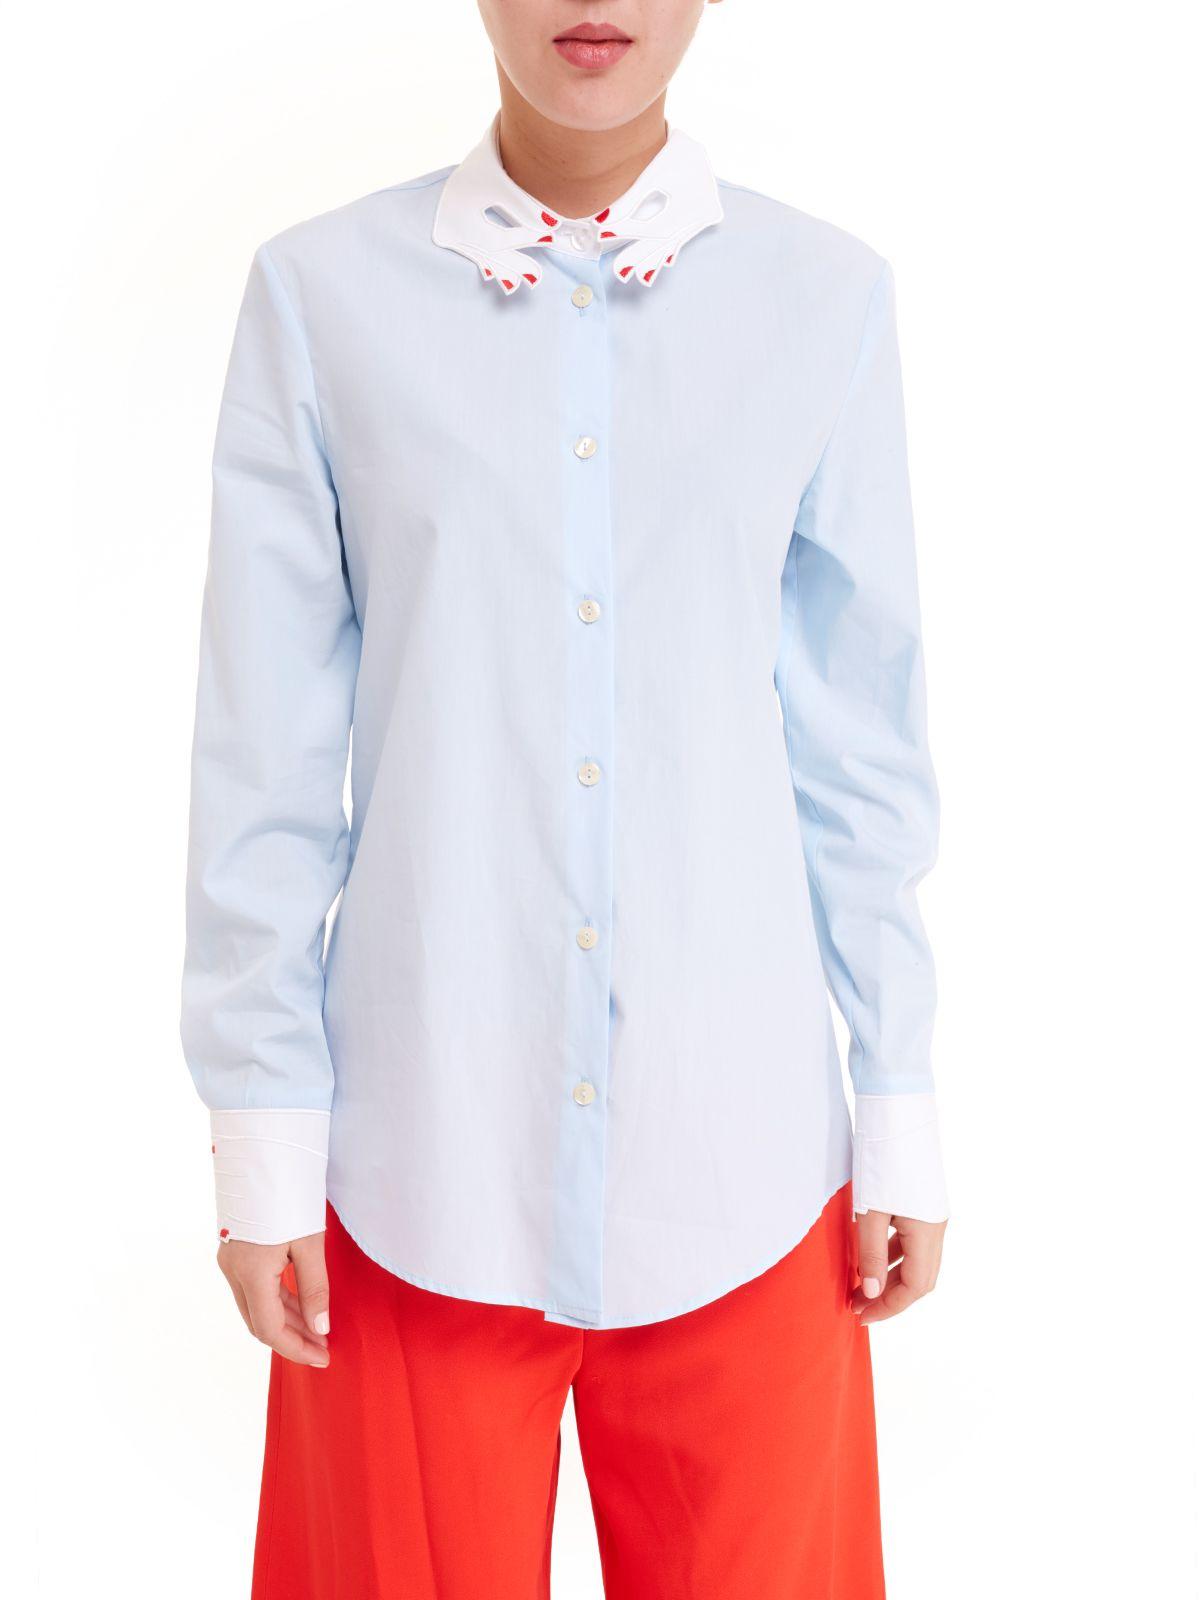 Vivetta Cuculo Shirt